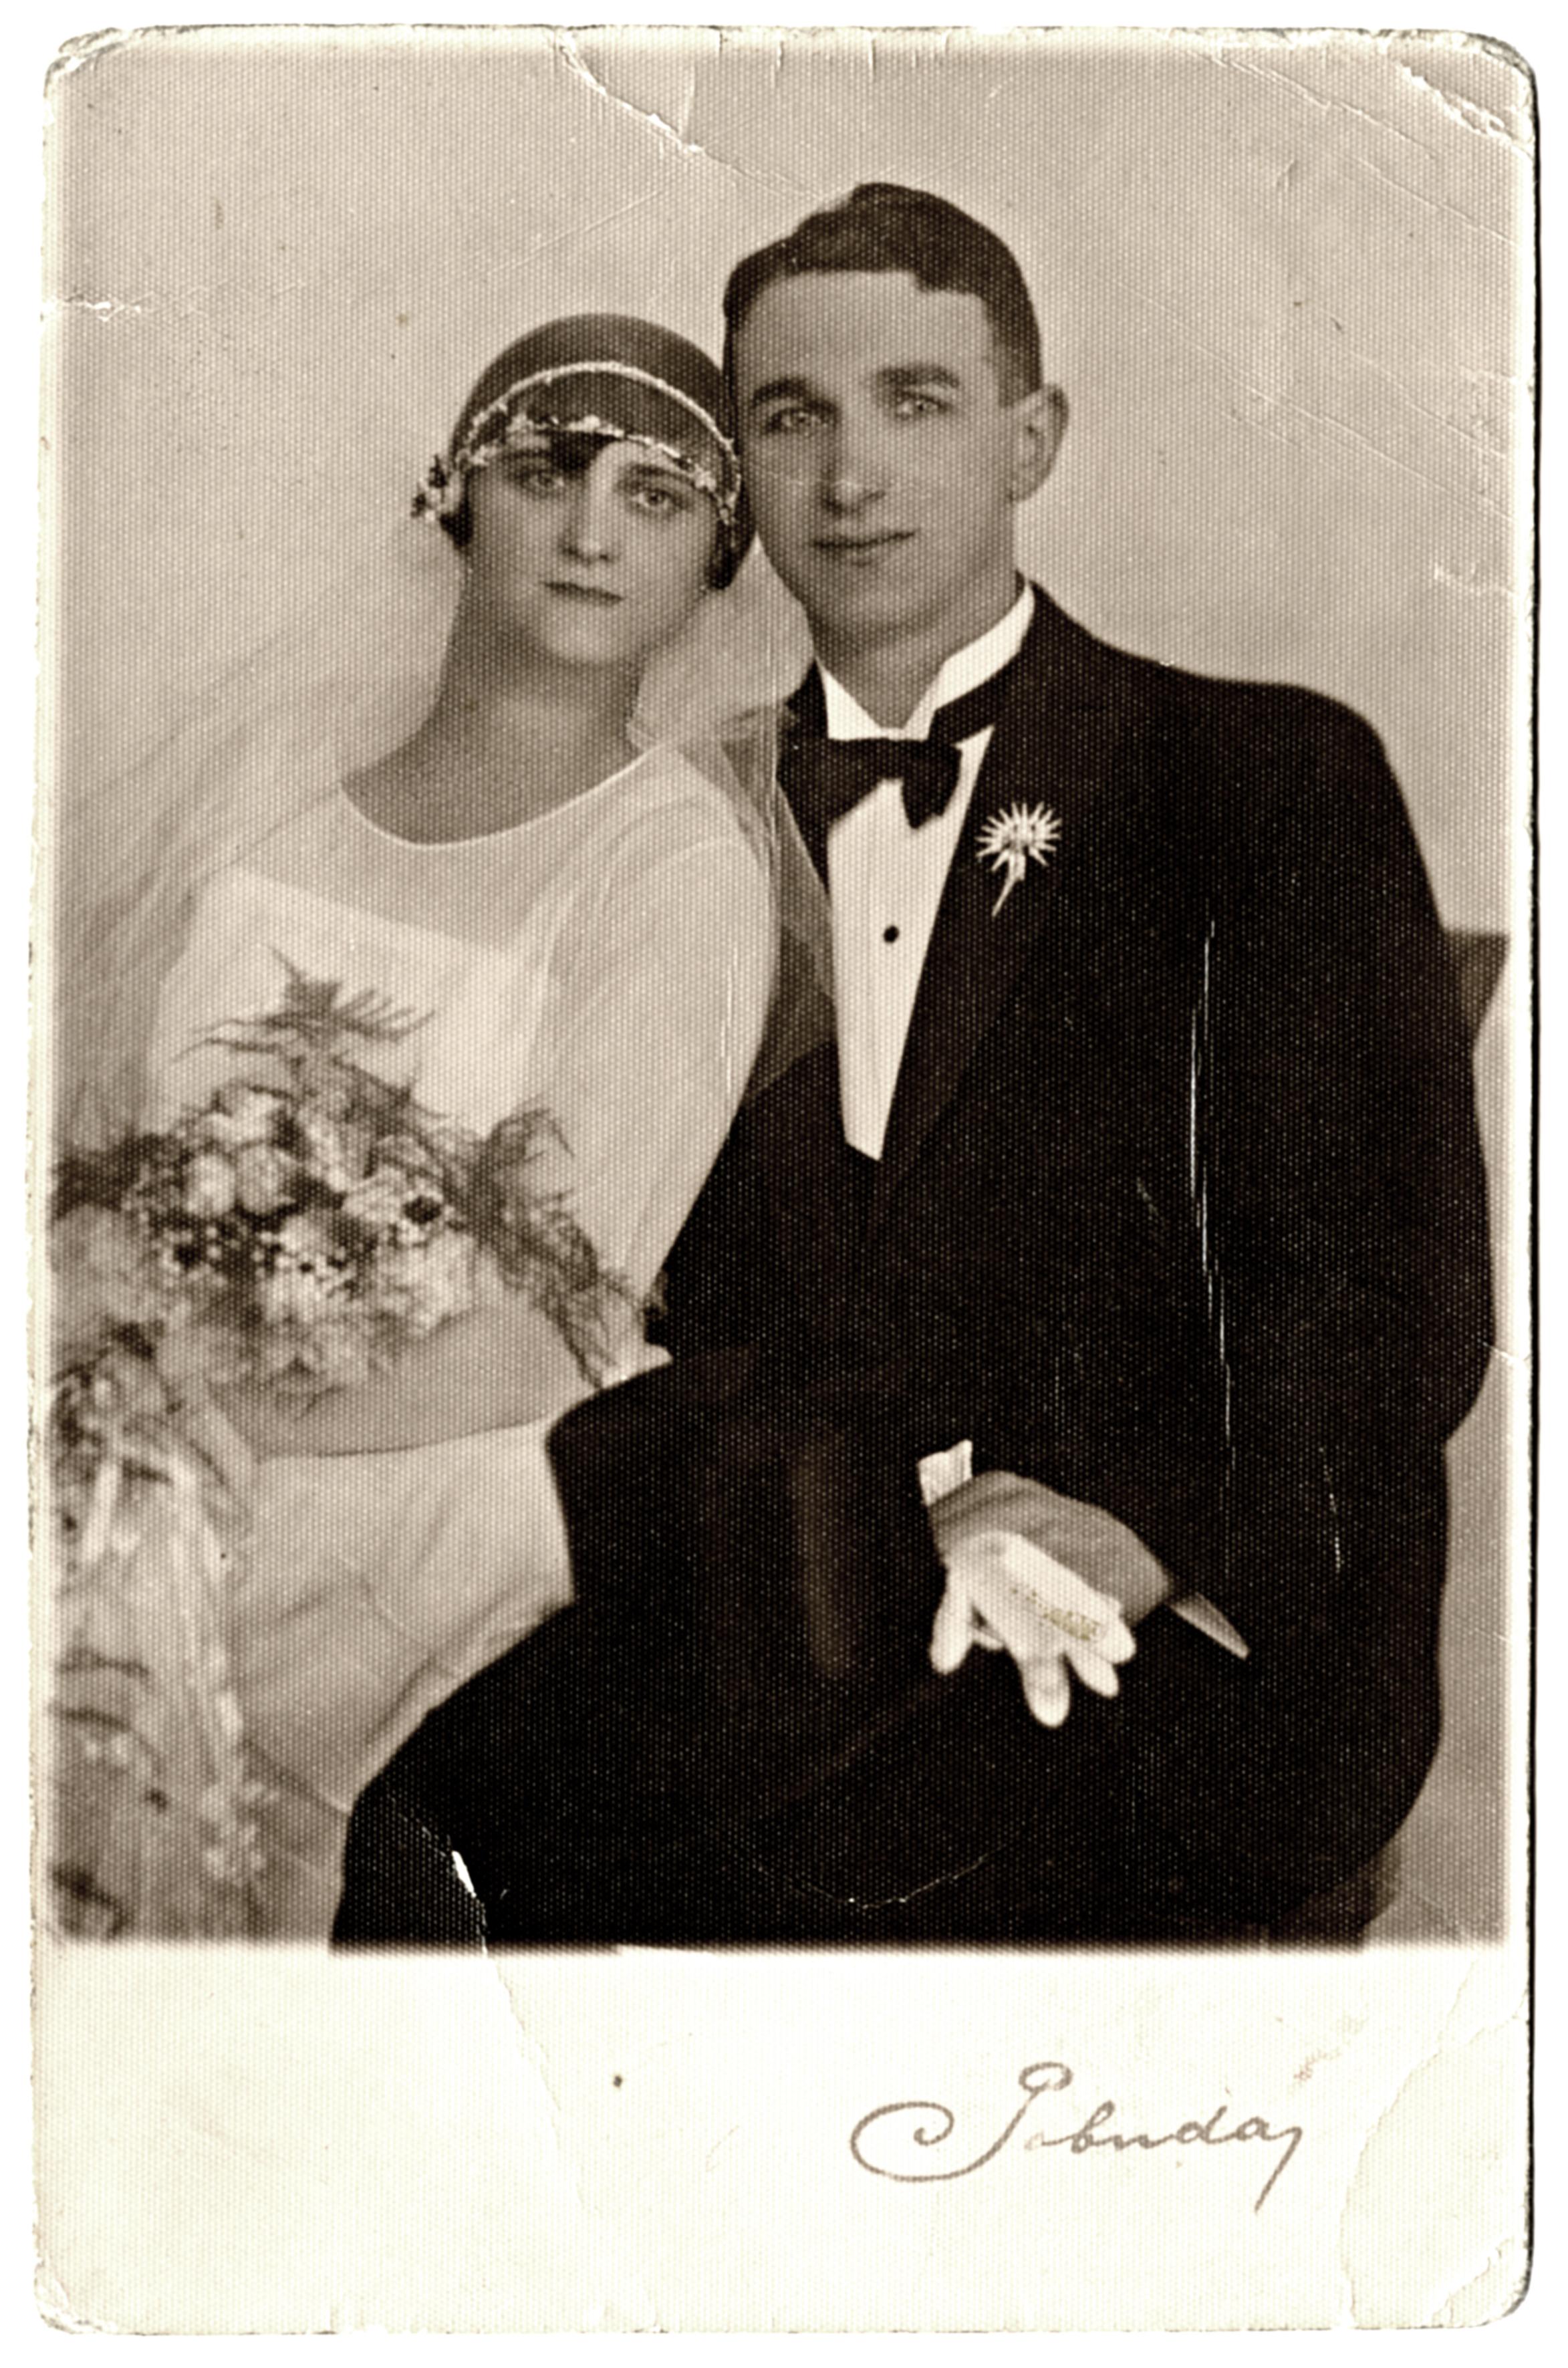 Bihari Lajos és Weisz Ella esküvõi képe